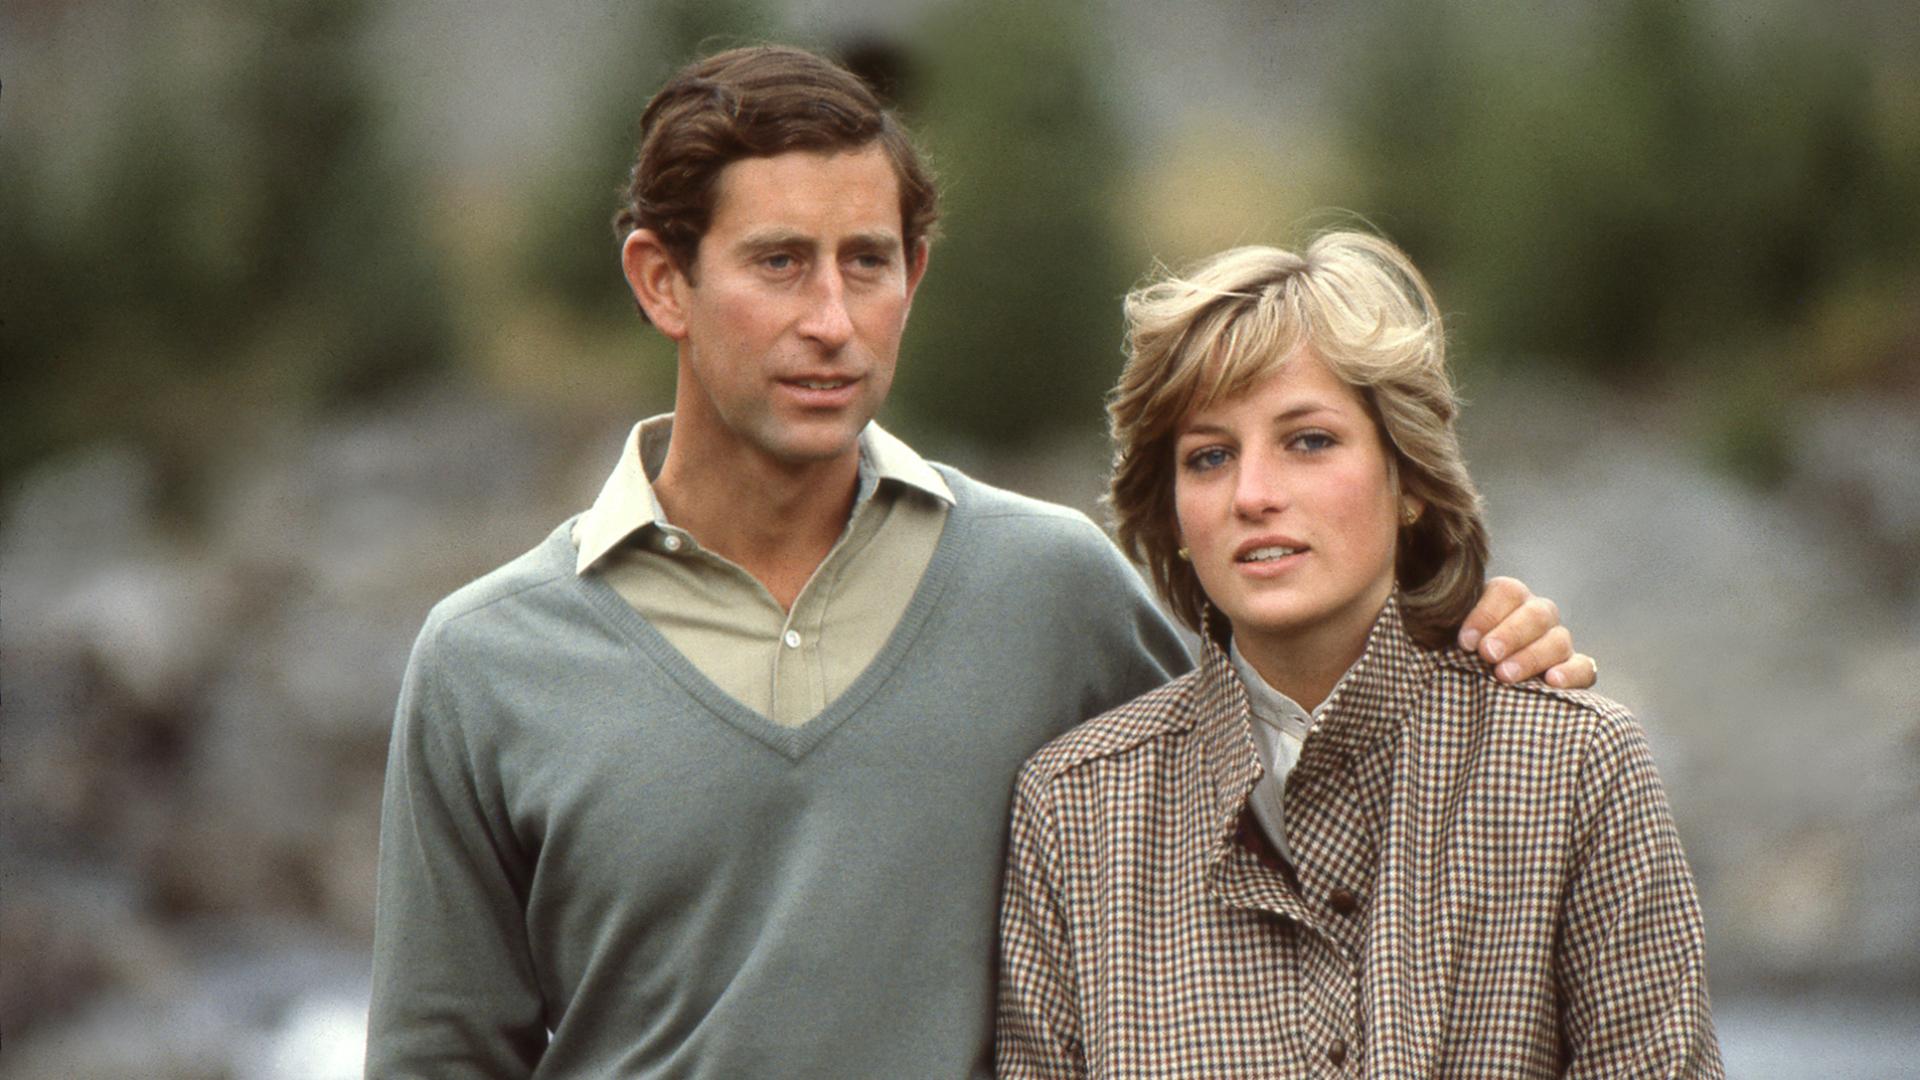 El Secreto Que Lady Di Le Ocultó Al Príncipe Carlos Cuando Estaba Embarazada De Harry Infobae